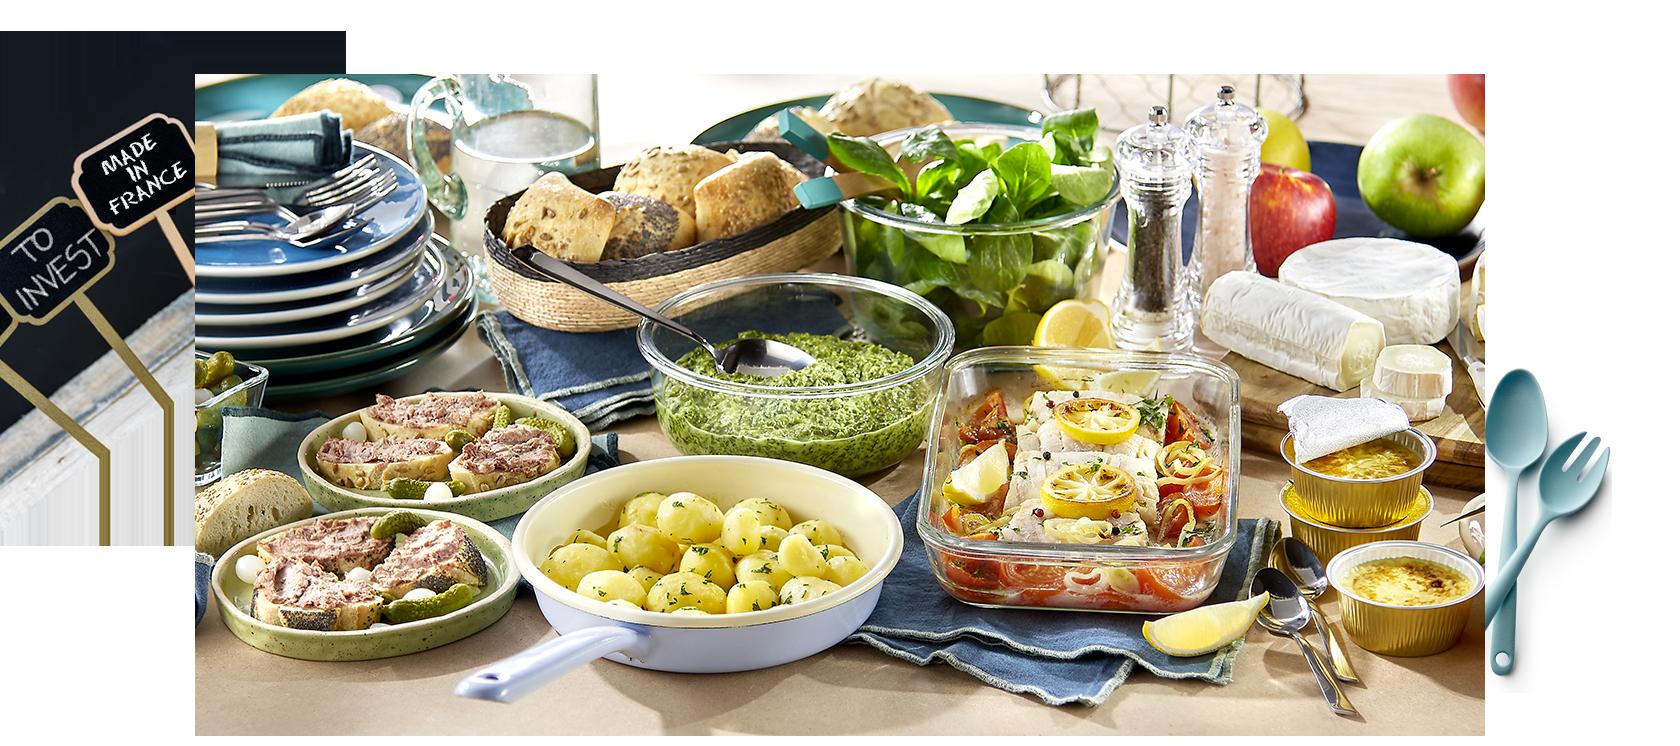 Un repas origine France Netto